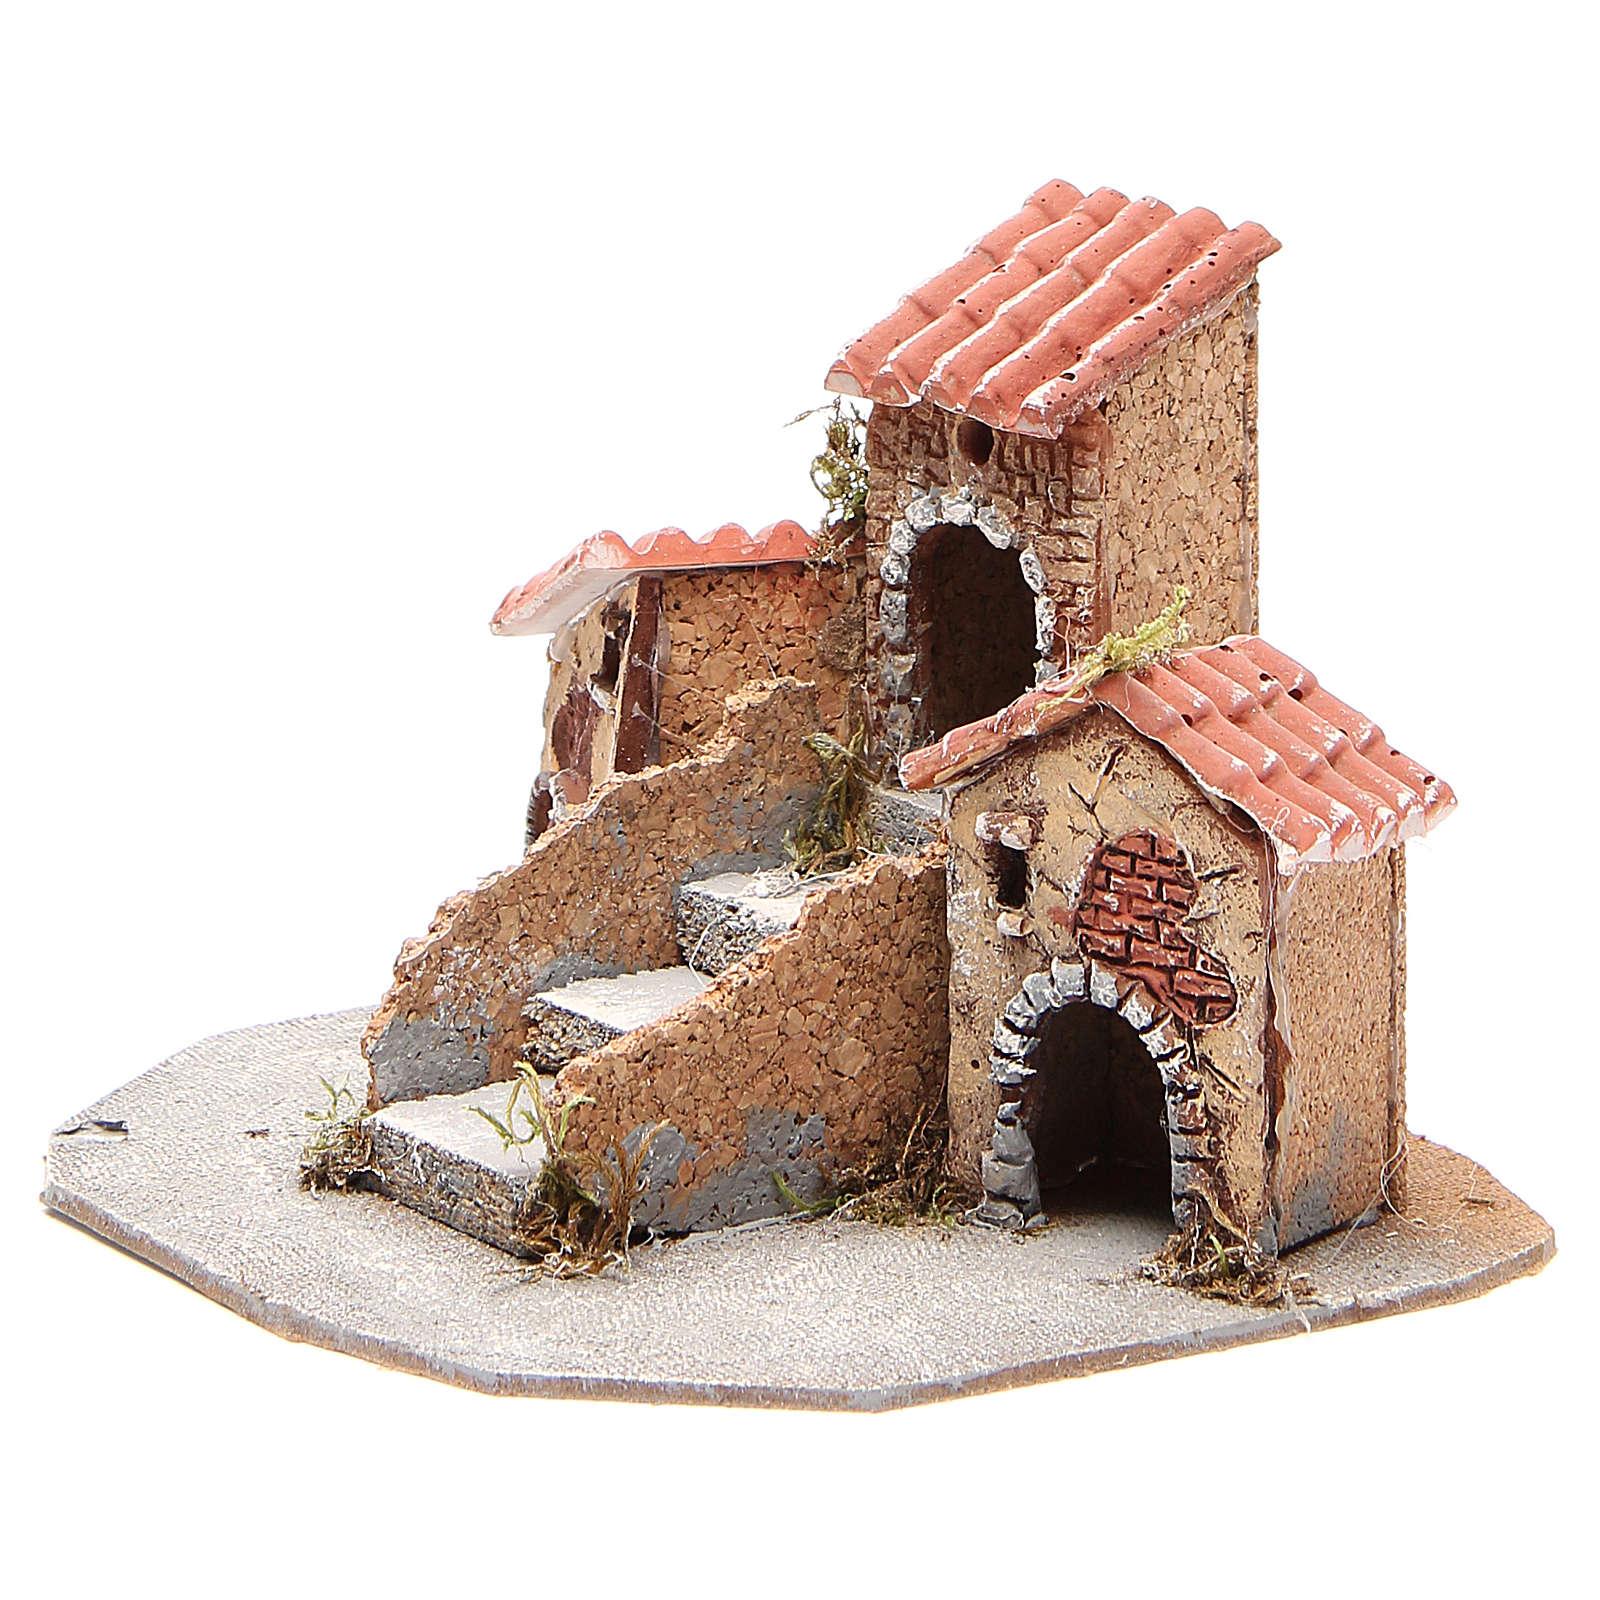 Häuser 17x24x20cm neapolitanische Krippe 4